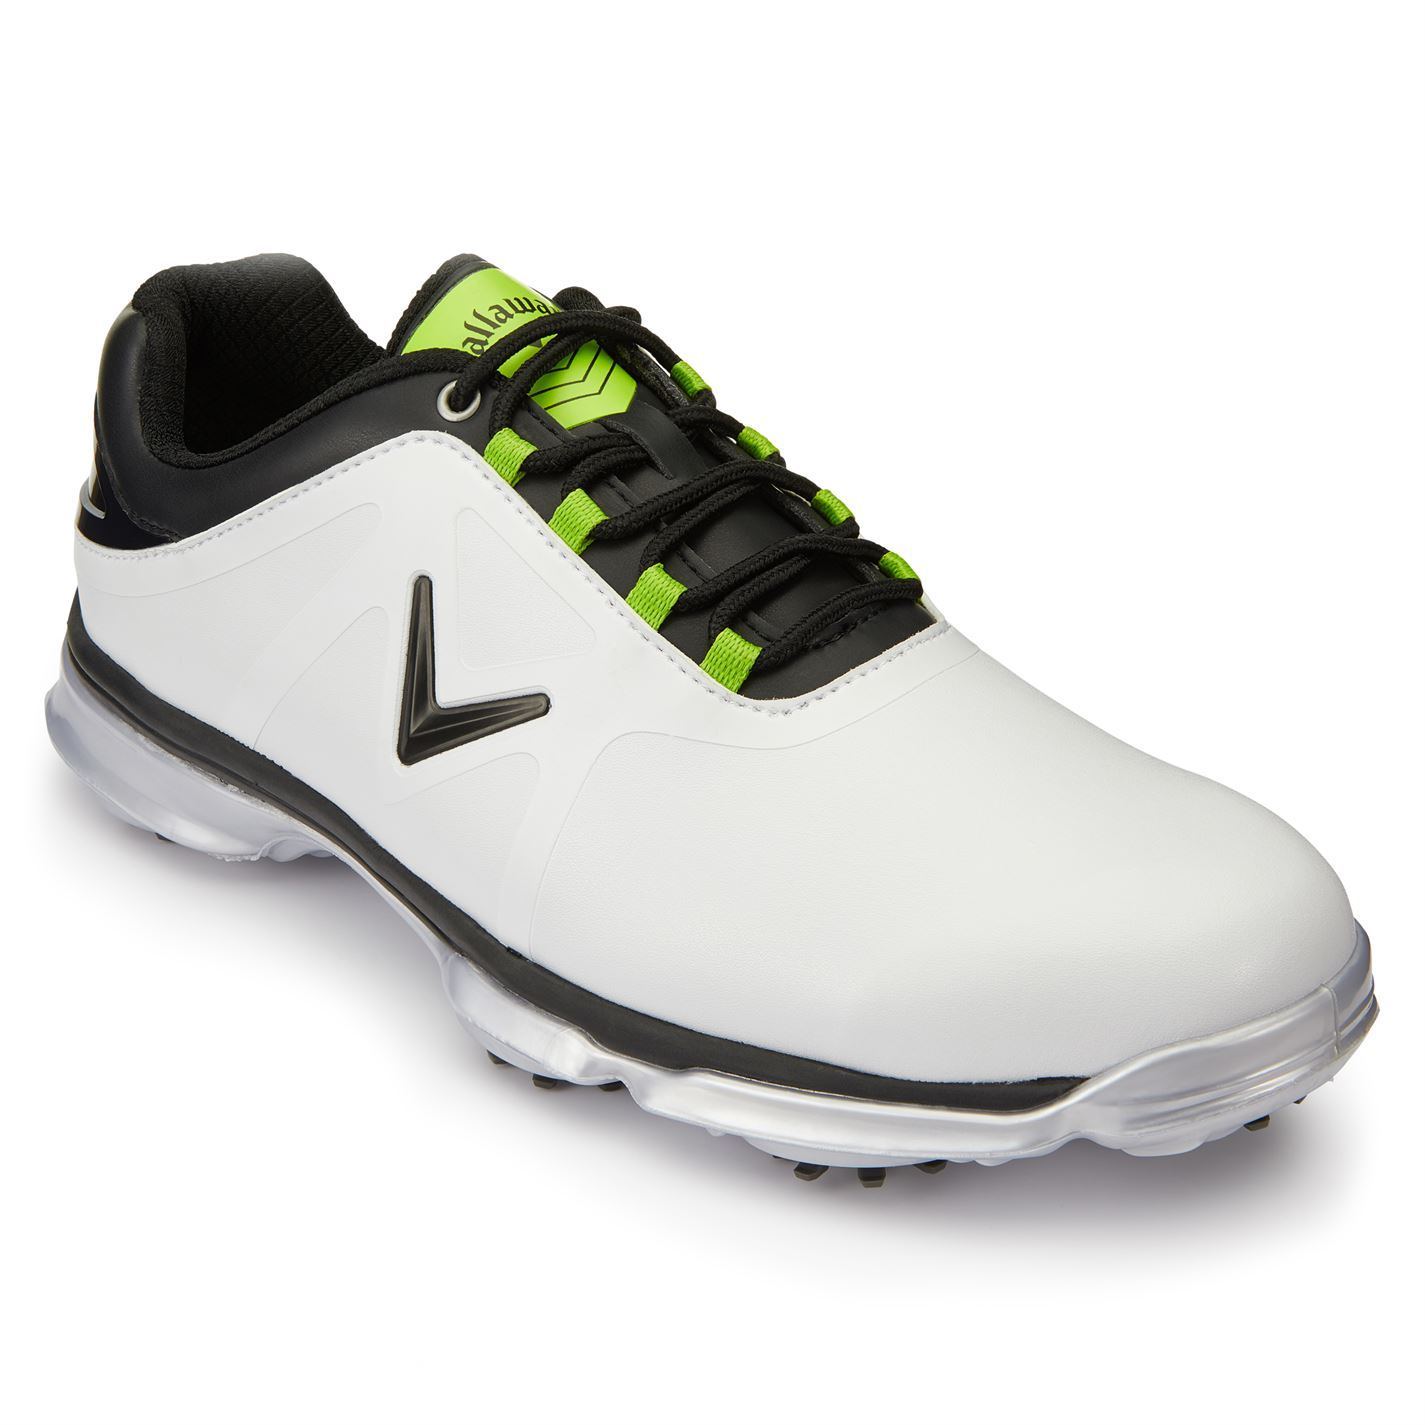 Callaway-XTT-Comfort-Spiked-Golf-Shoes-Mens-Spikes-Footwear thumbnail 15